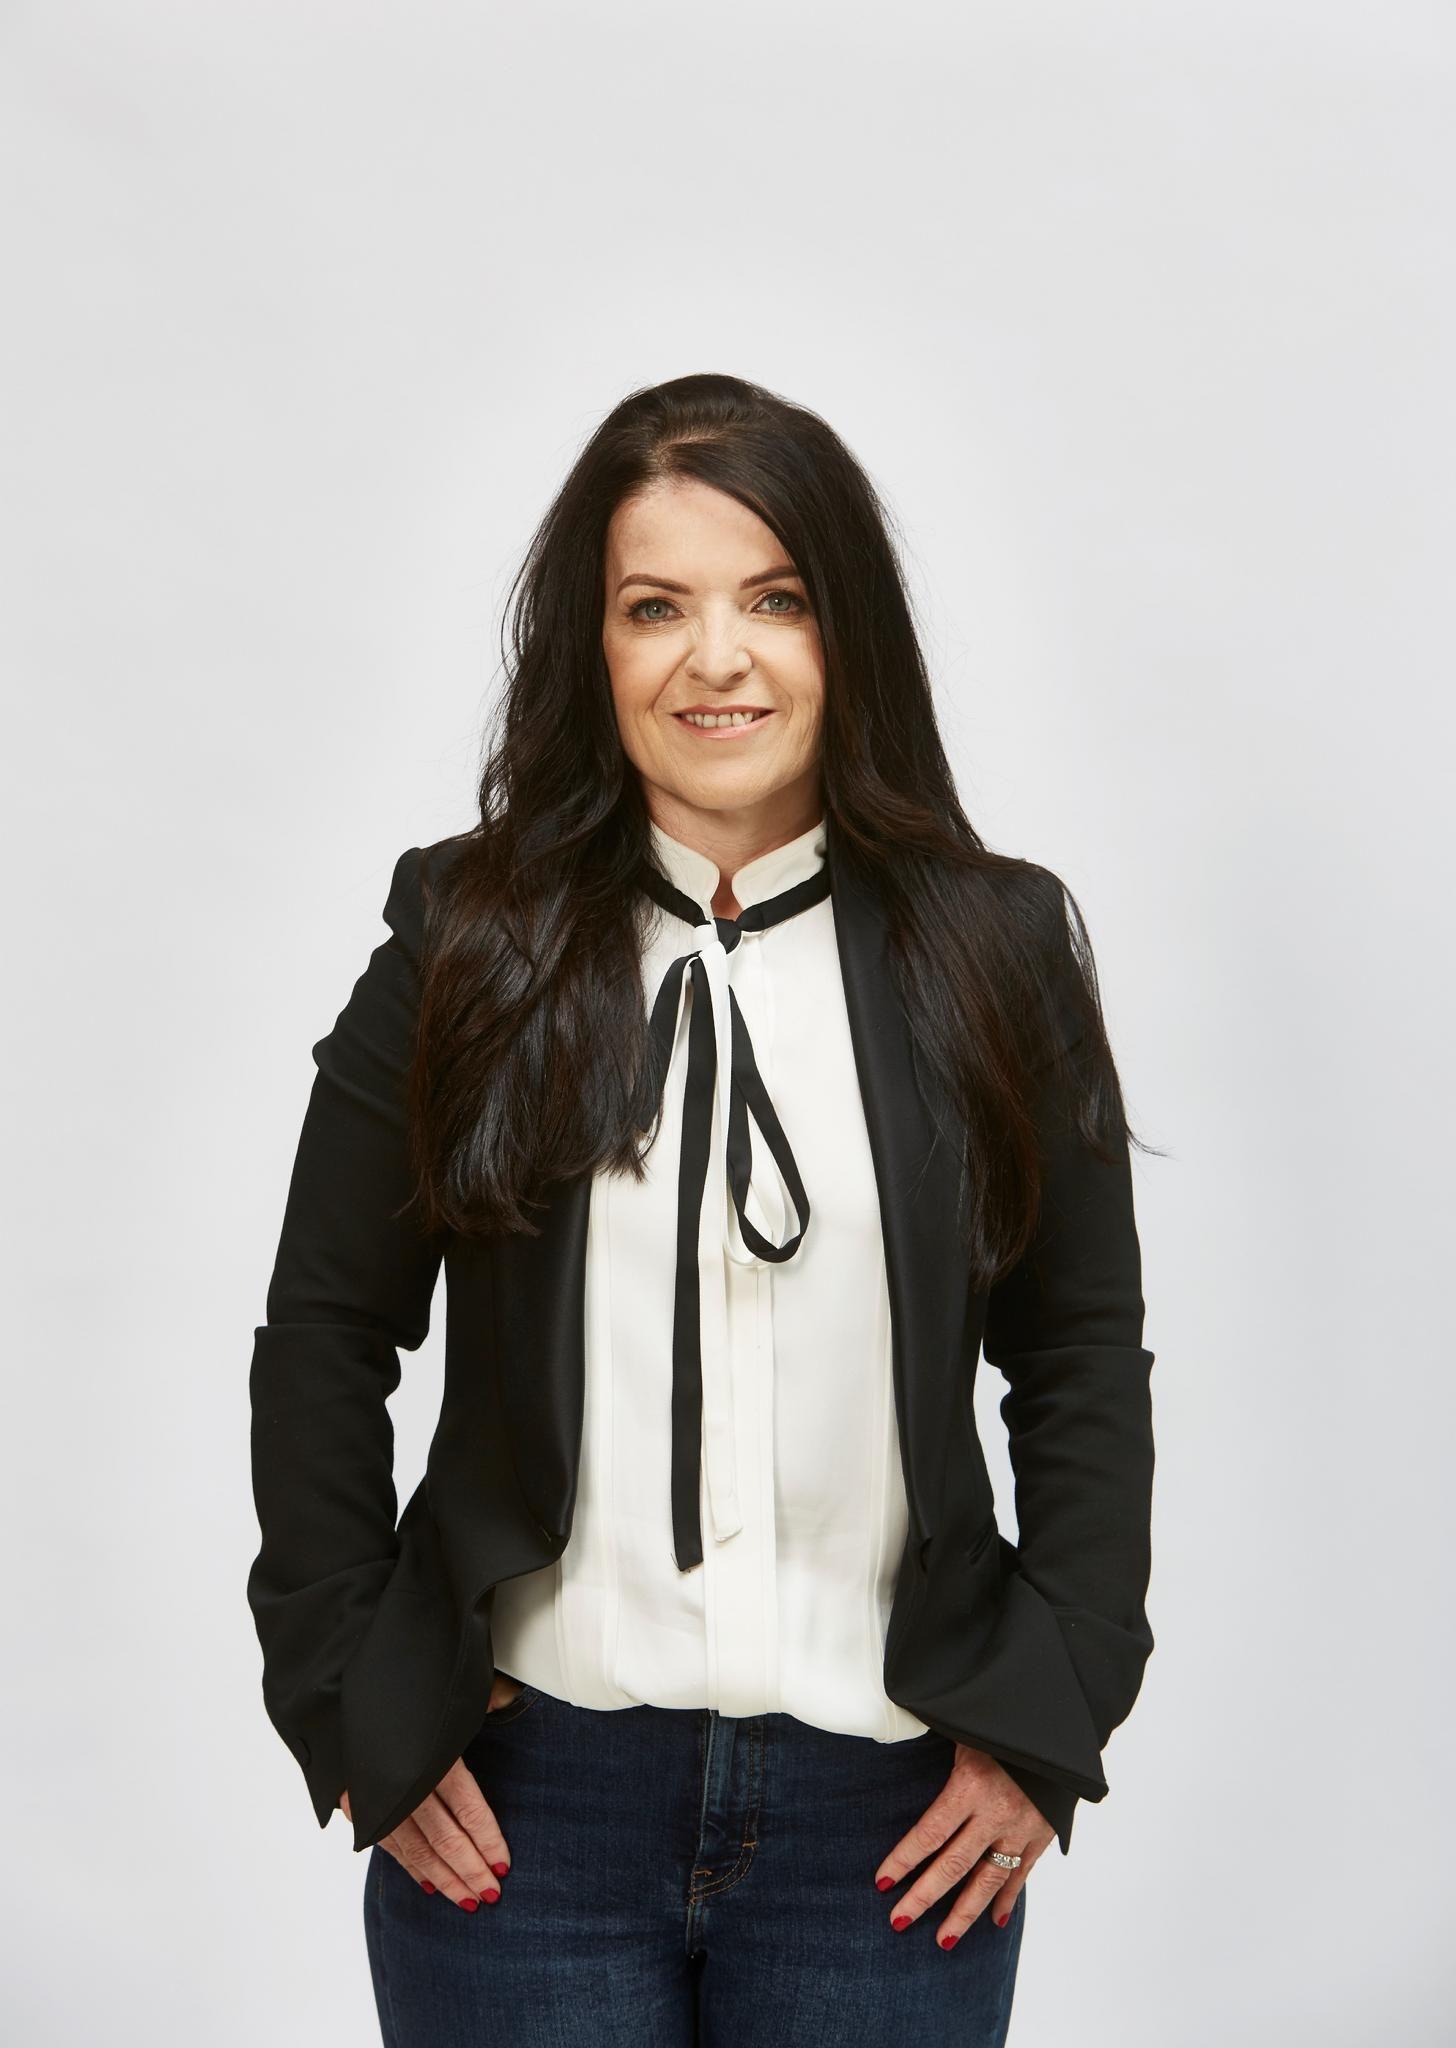 Nicole Higgins